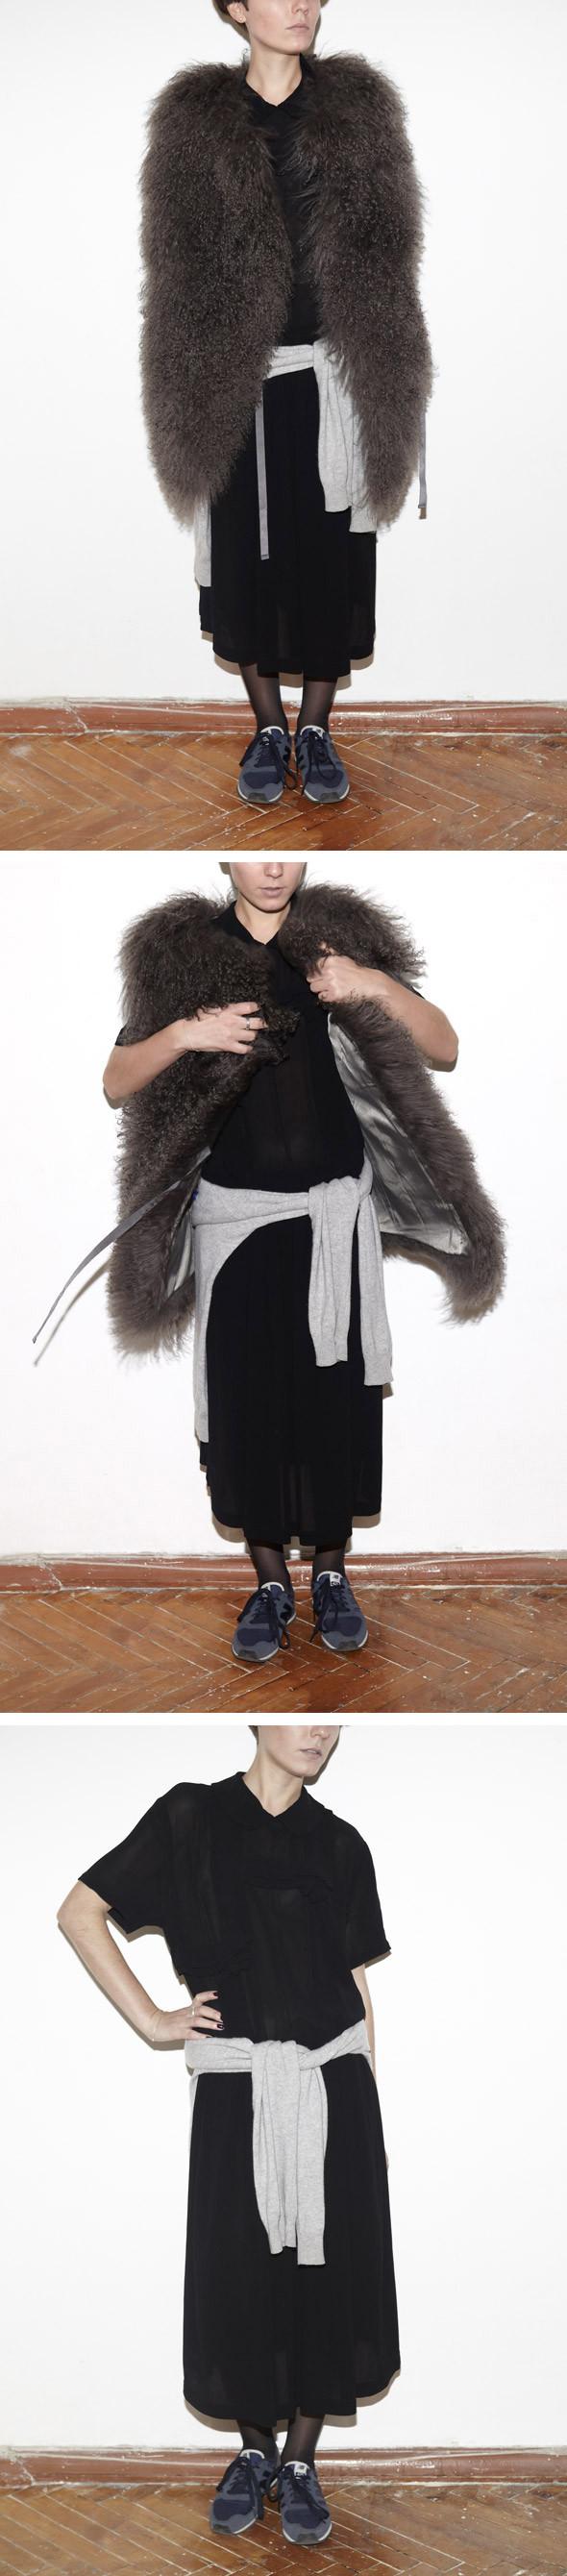 Гардероб: Марина Николаевна, бренд-менеджер JNBY, основатель платформы Items. Изображение № 8.